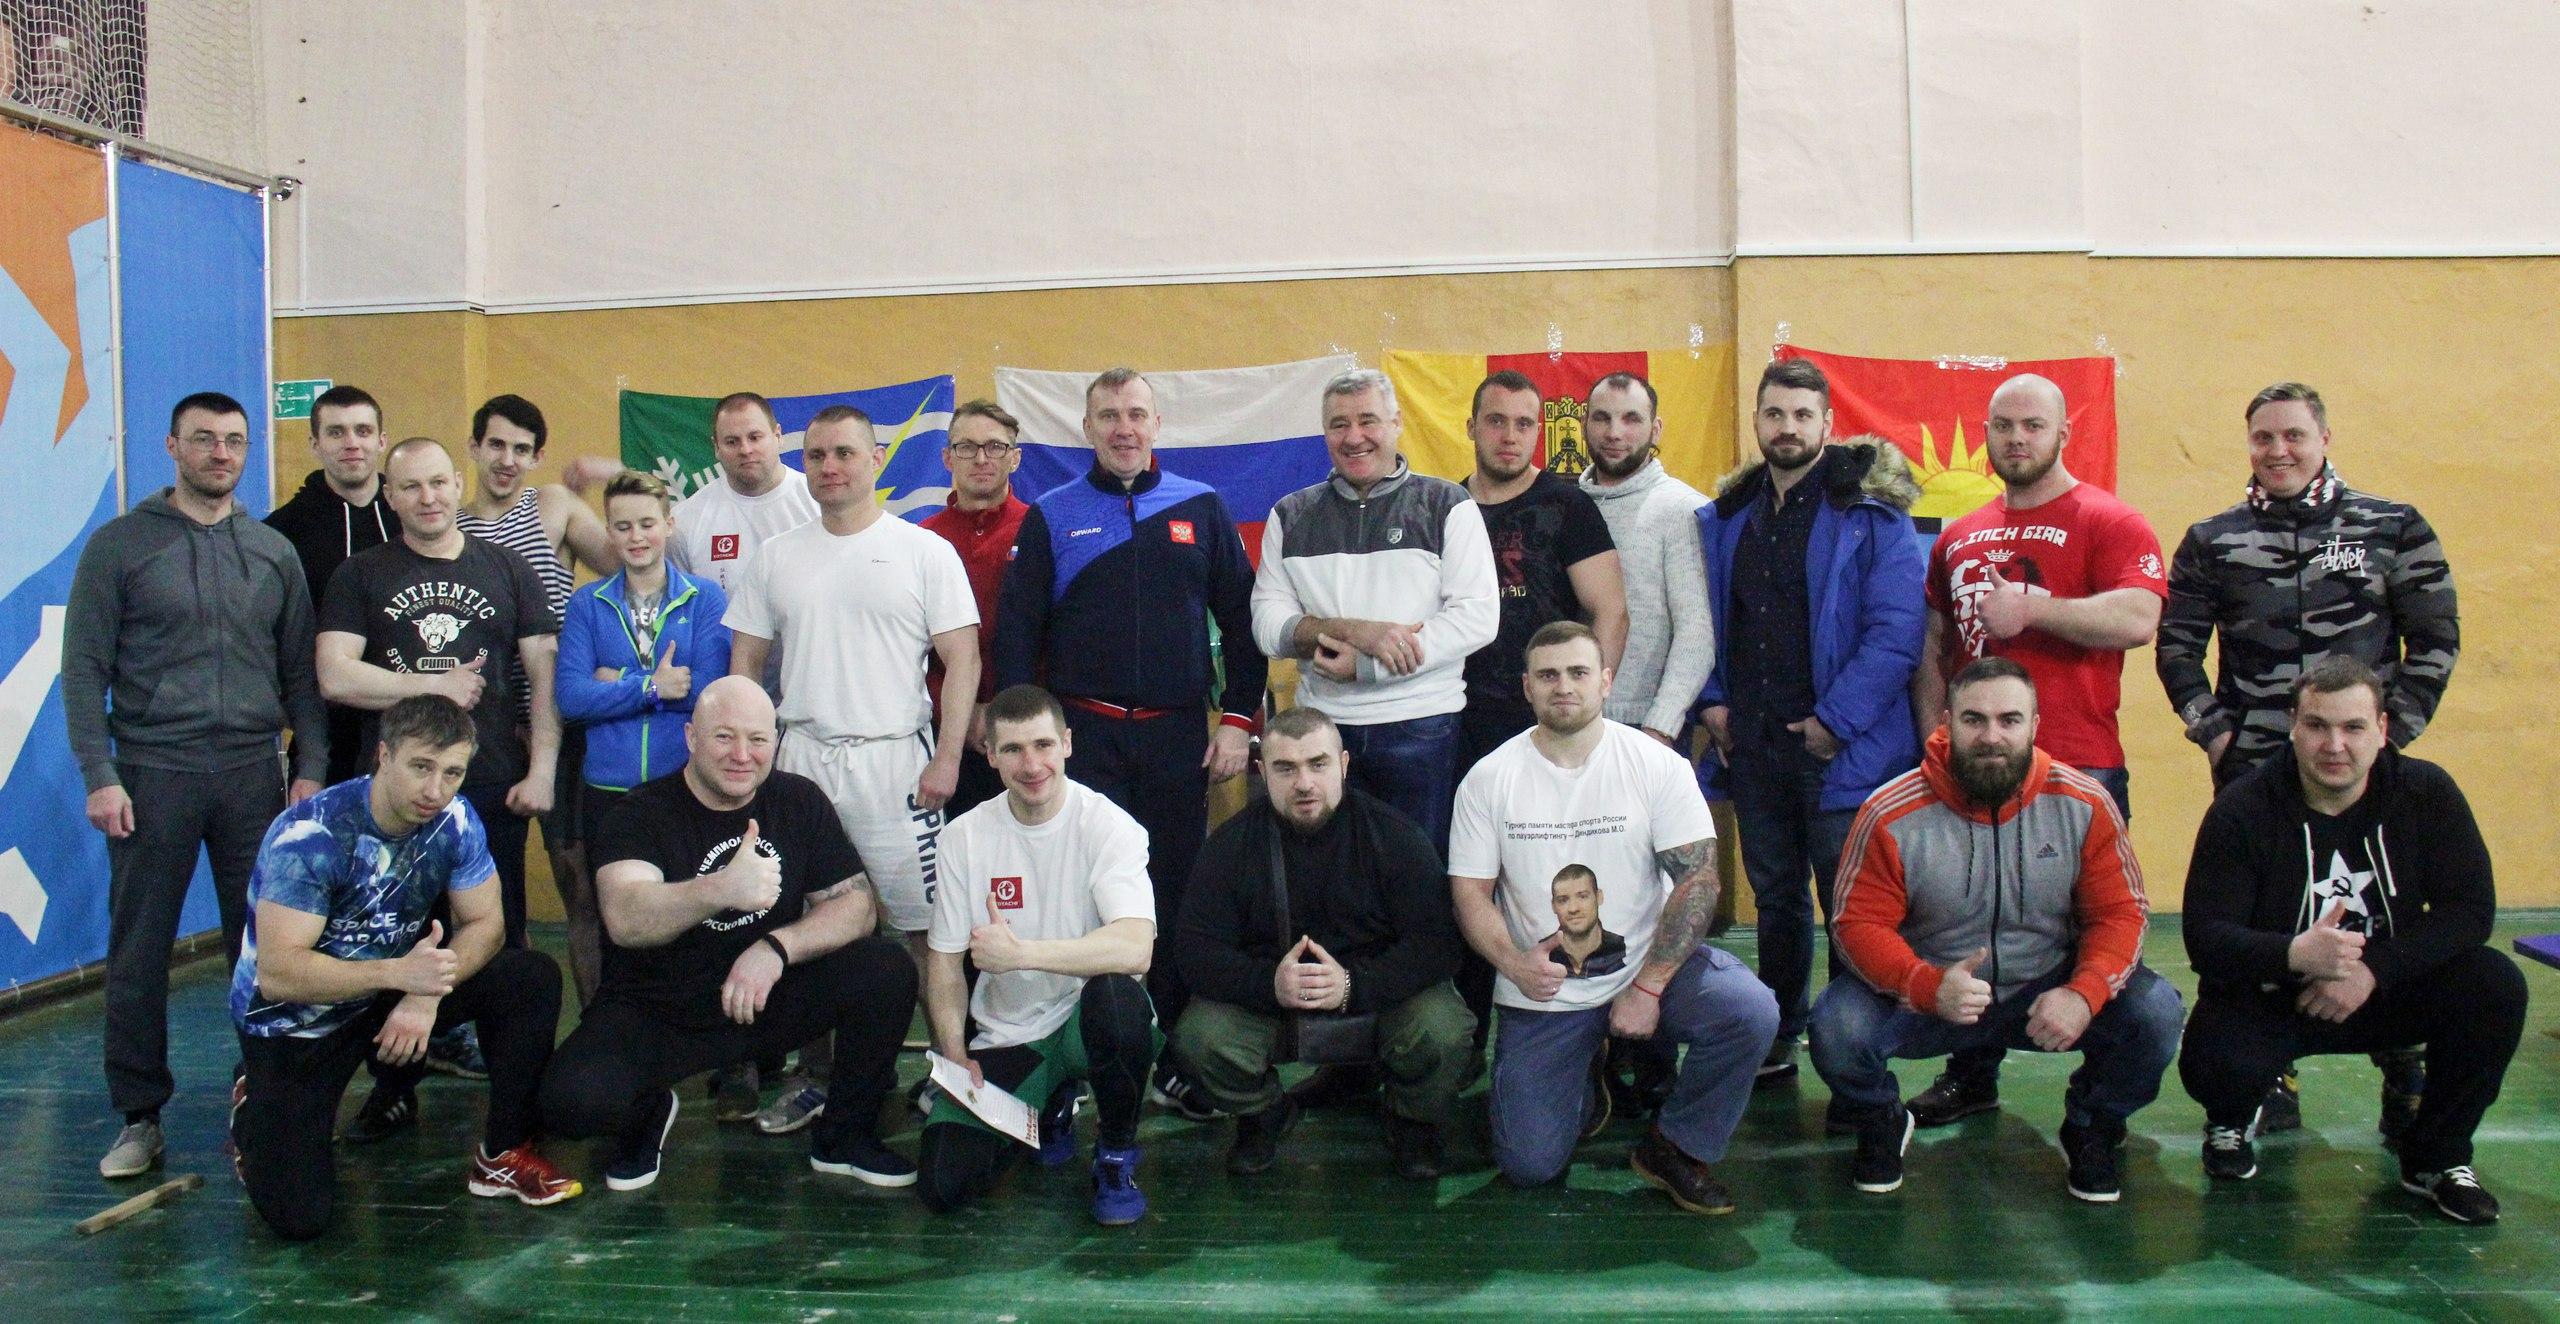 Открытый турнир по русскому жиму в Редкино собрал спортсменов из нескольких регионов России